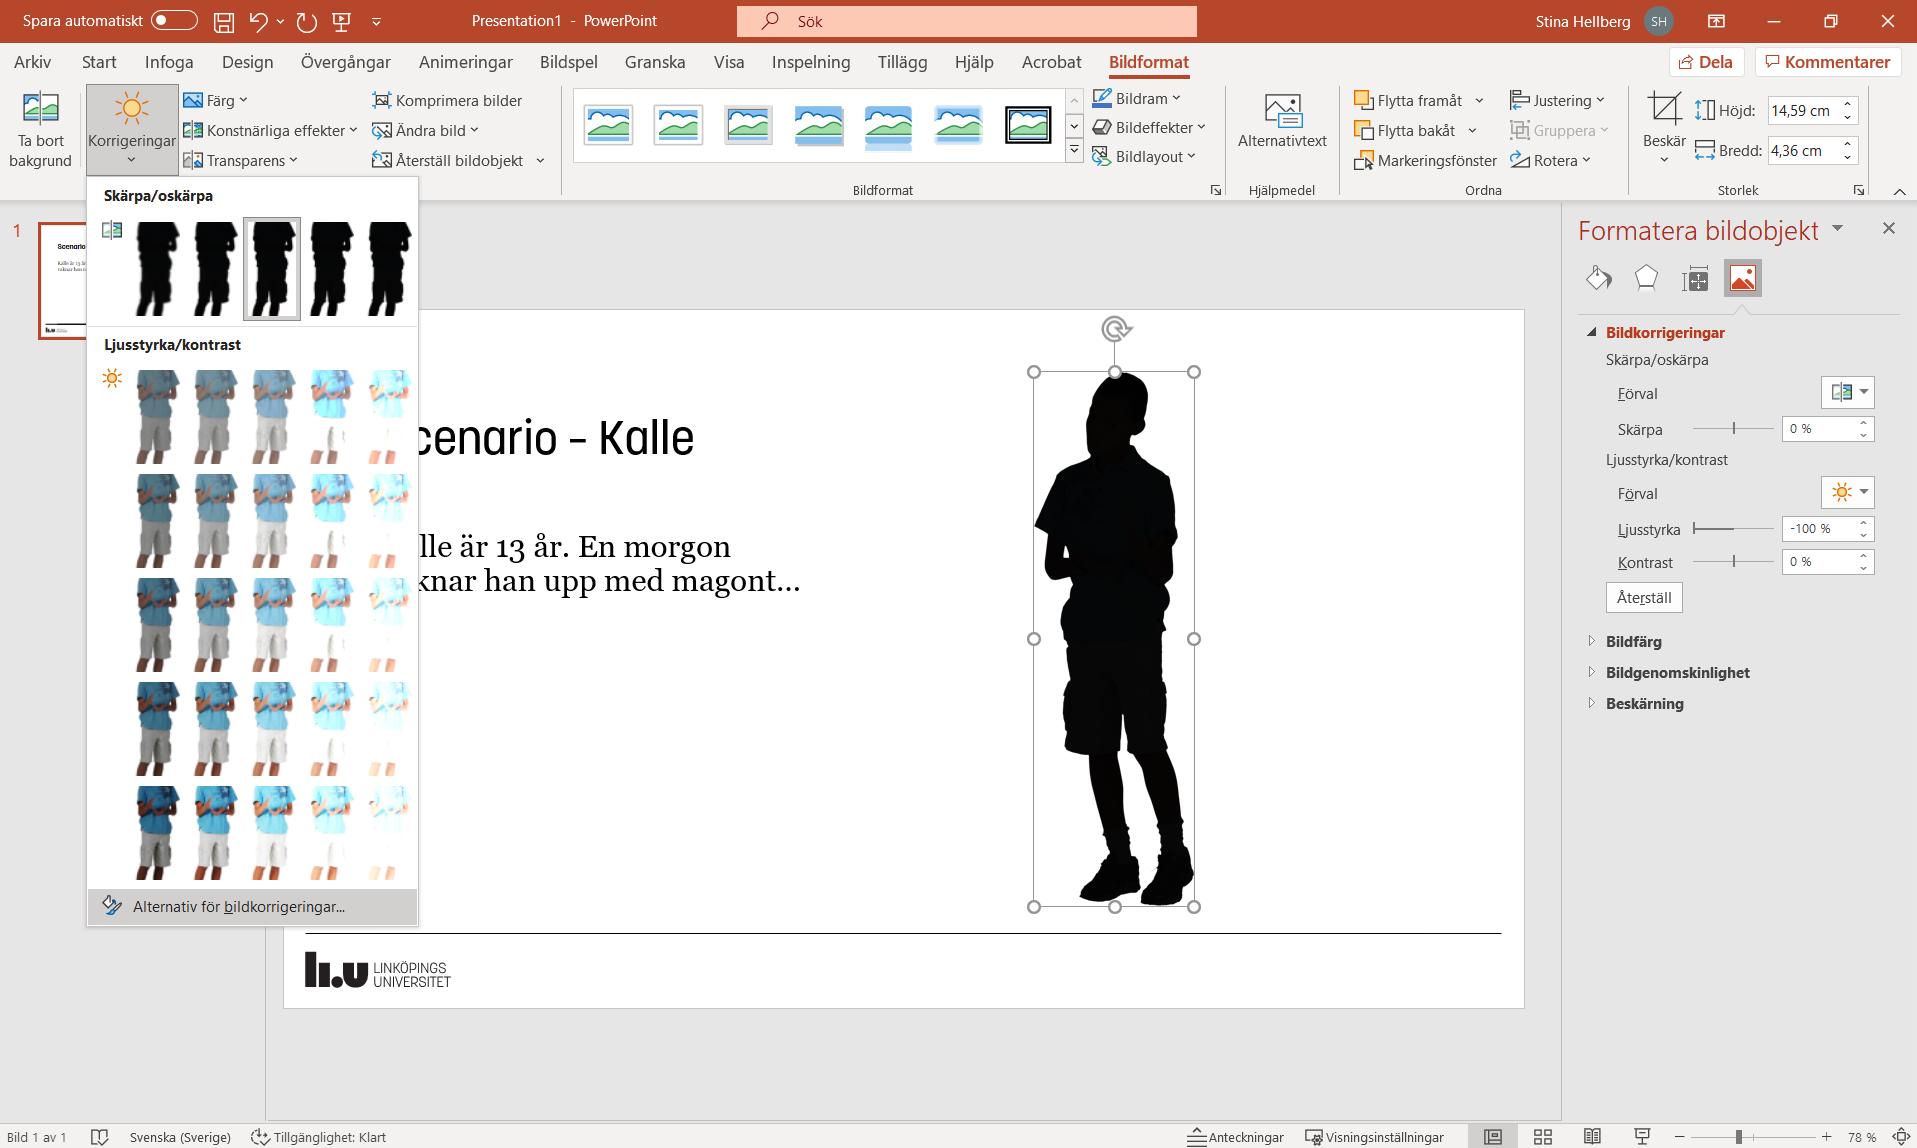 Skärmbild från PowerPoint. Under fliken Bildformat gå till Alternativ för bildkorrigeringar. I menyn till höger är reglaget för Ljusstyrka nere på minus 100.